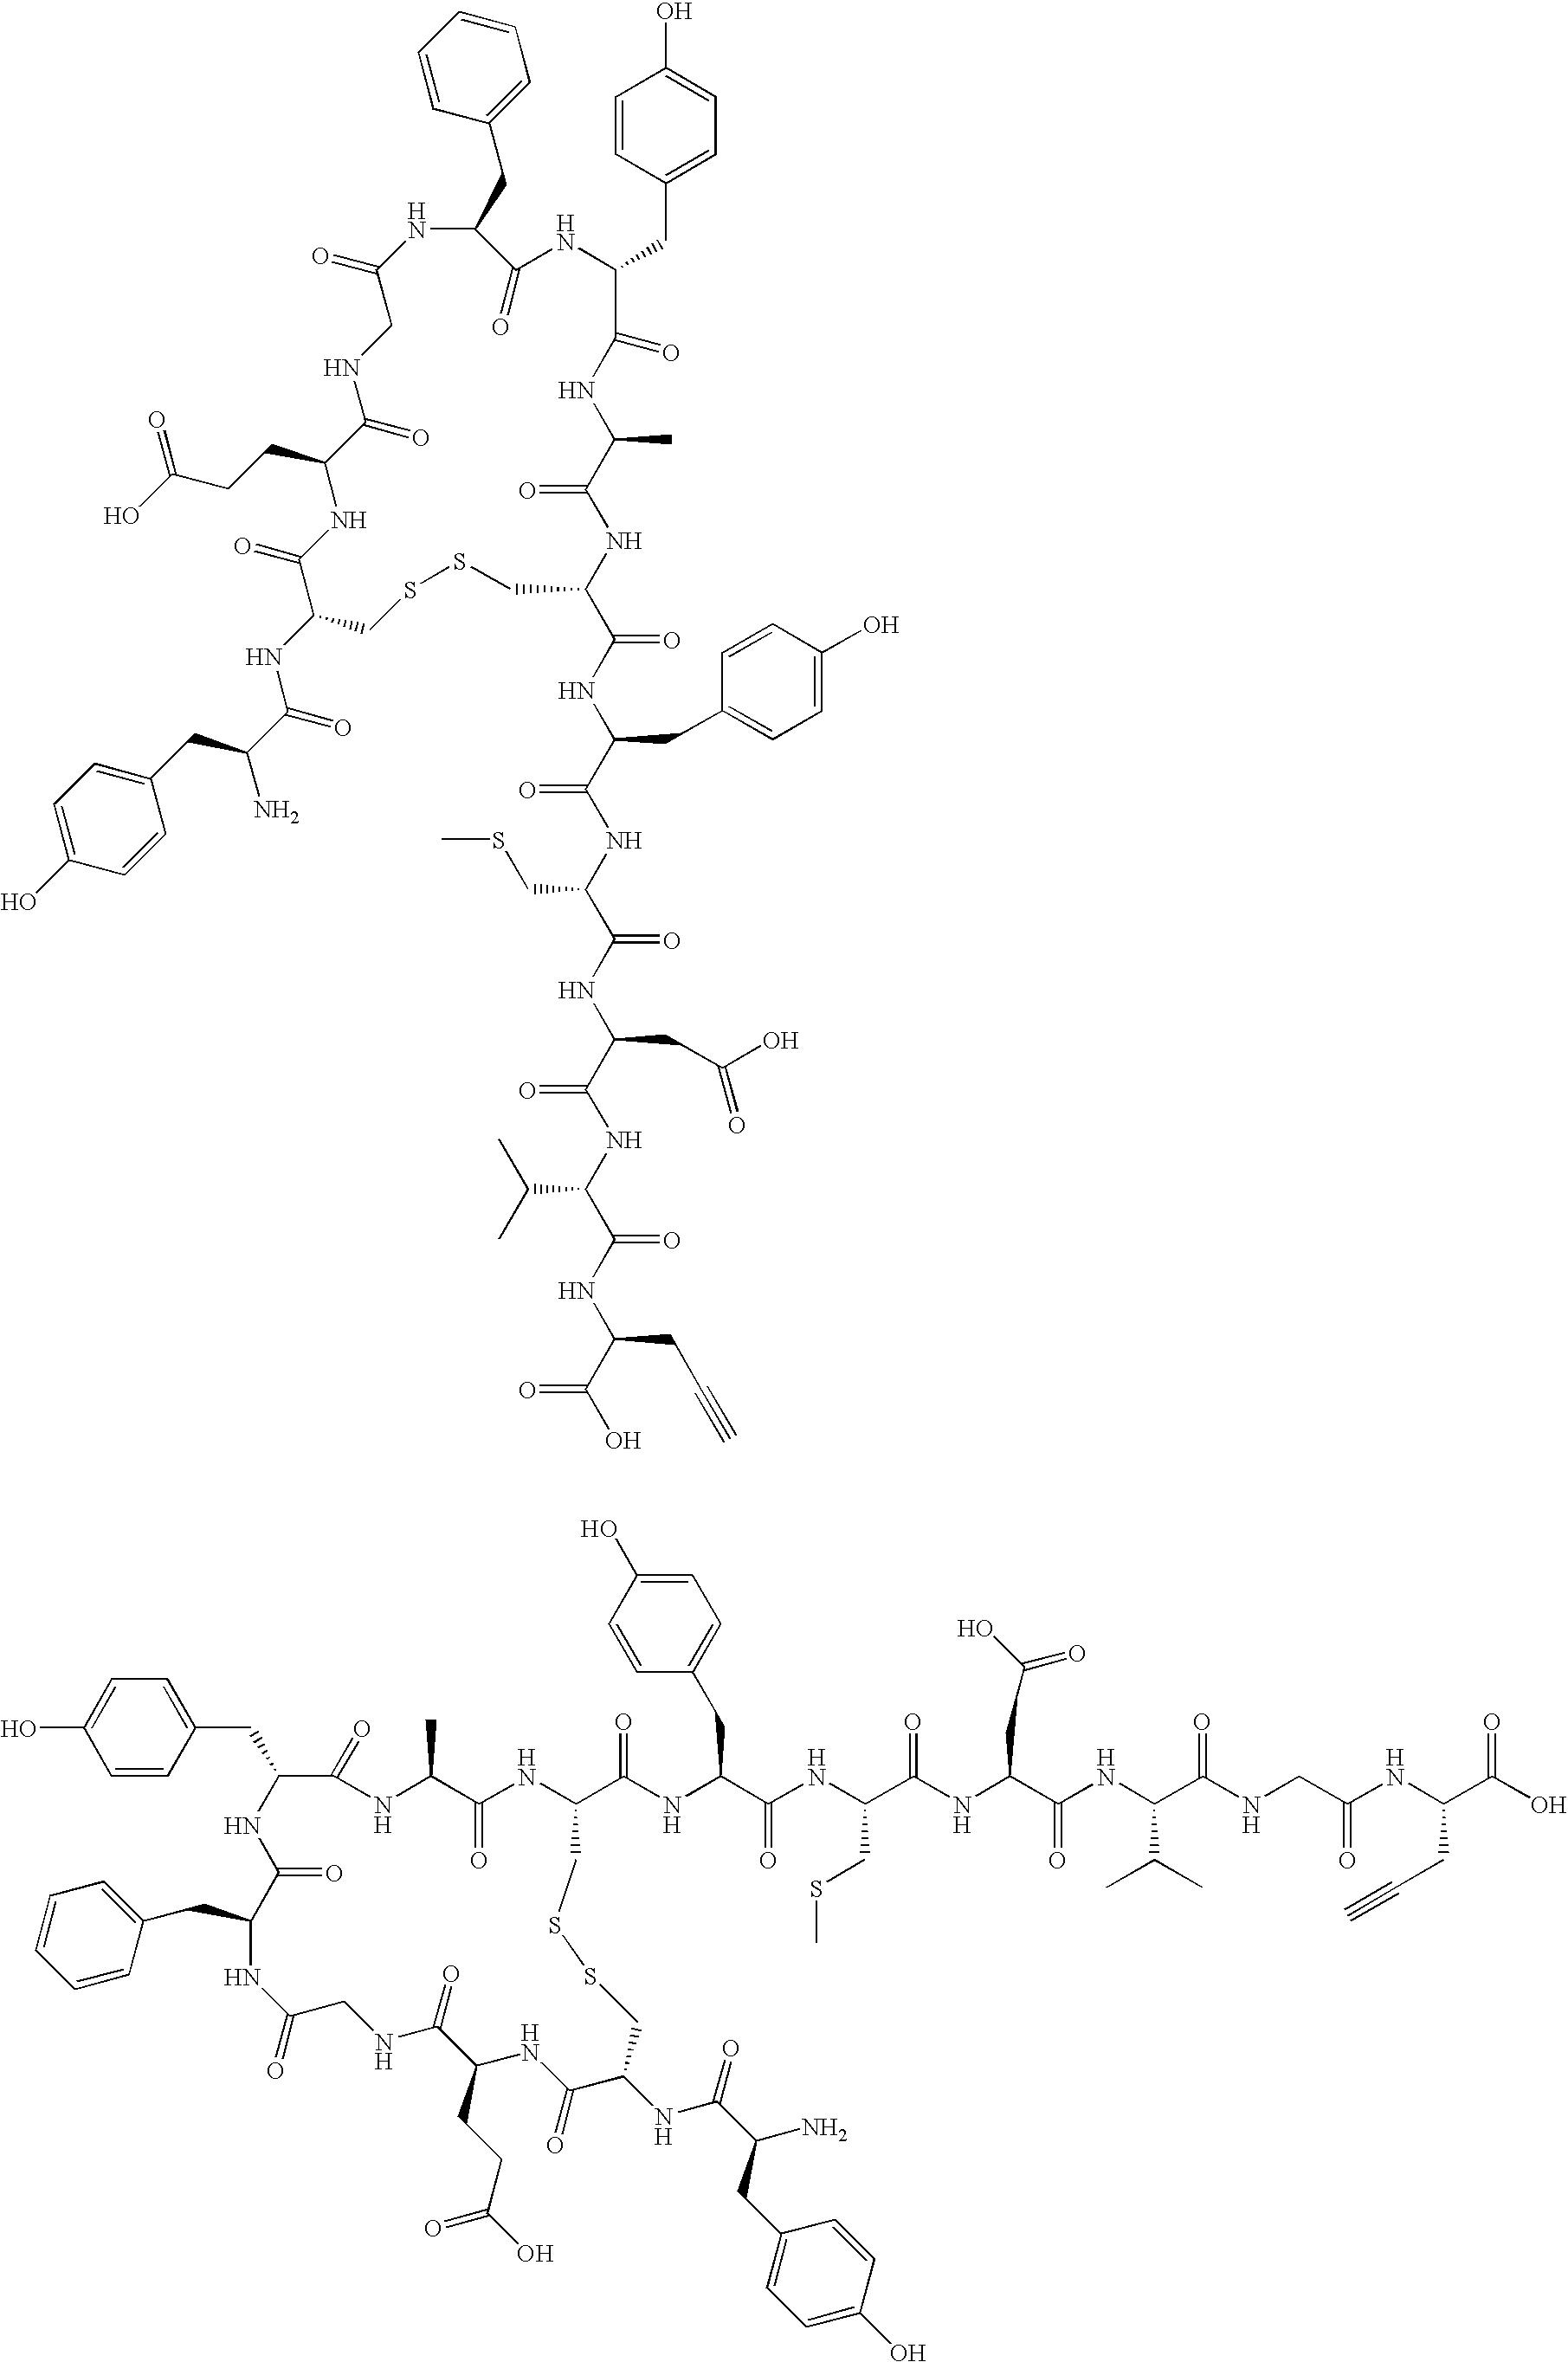 Figure US20090110662A1-20090430-C00006